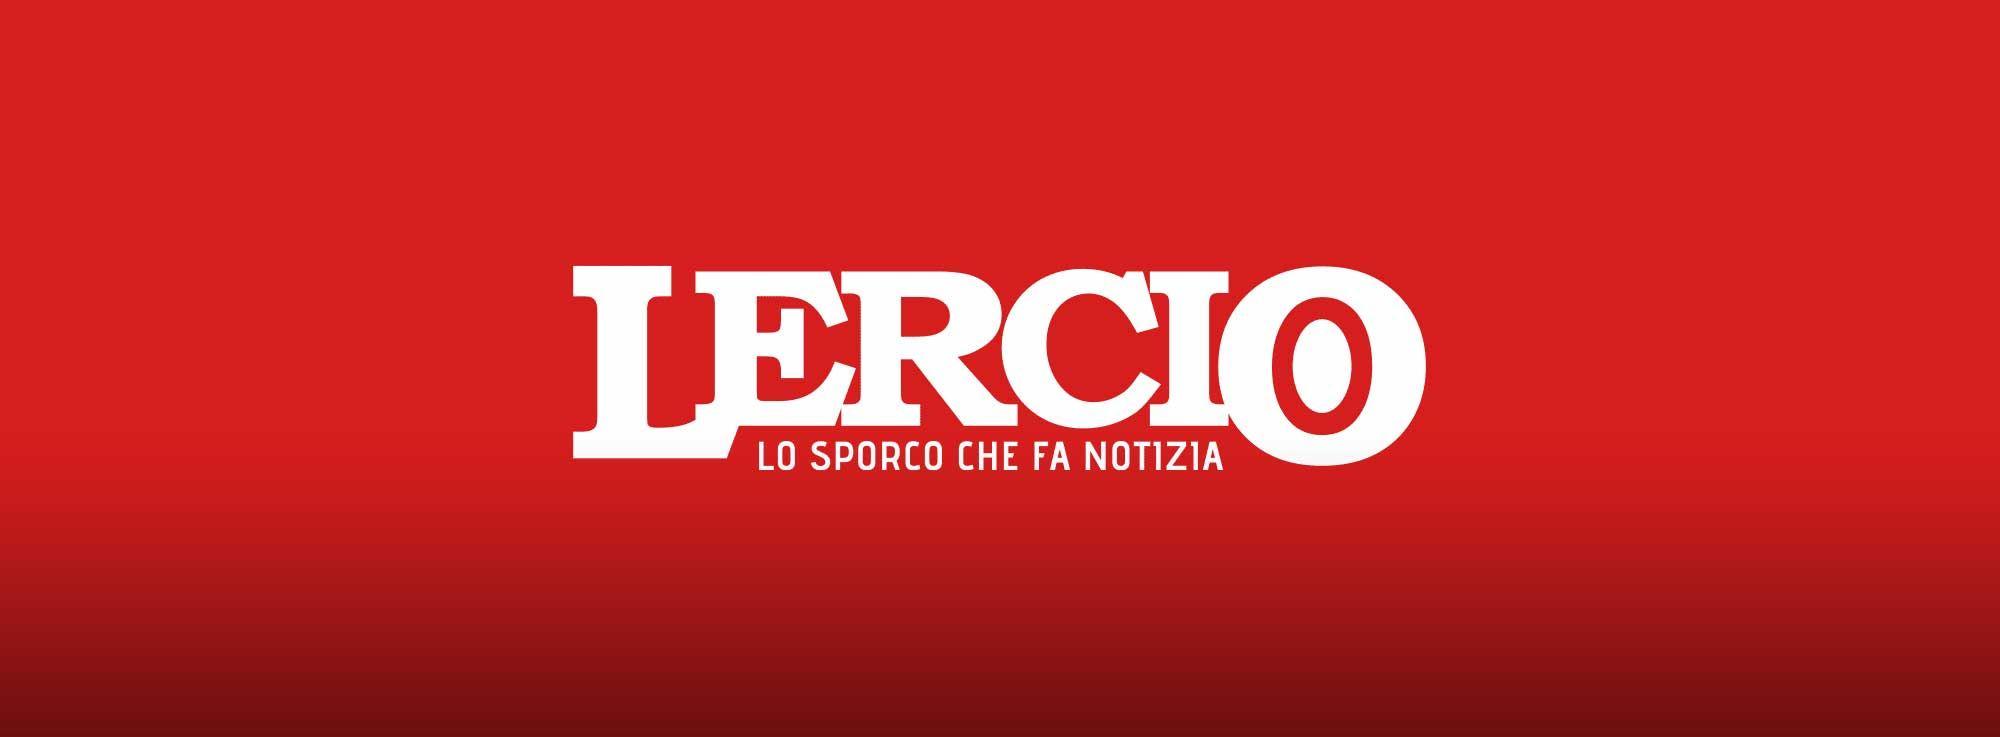 San Vito: Lercio